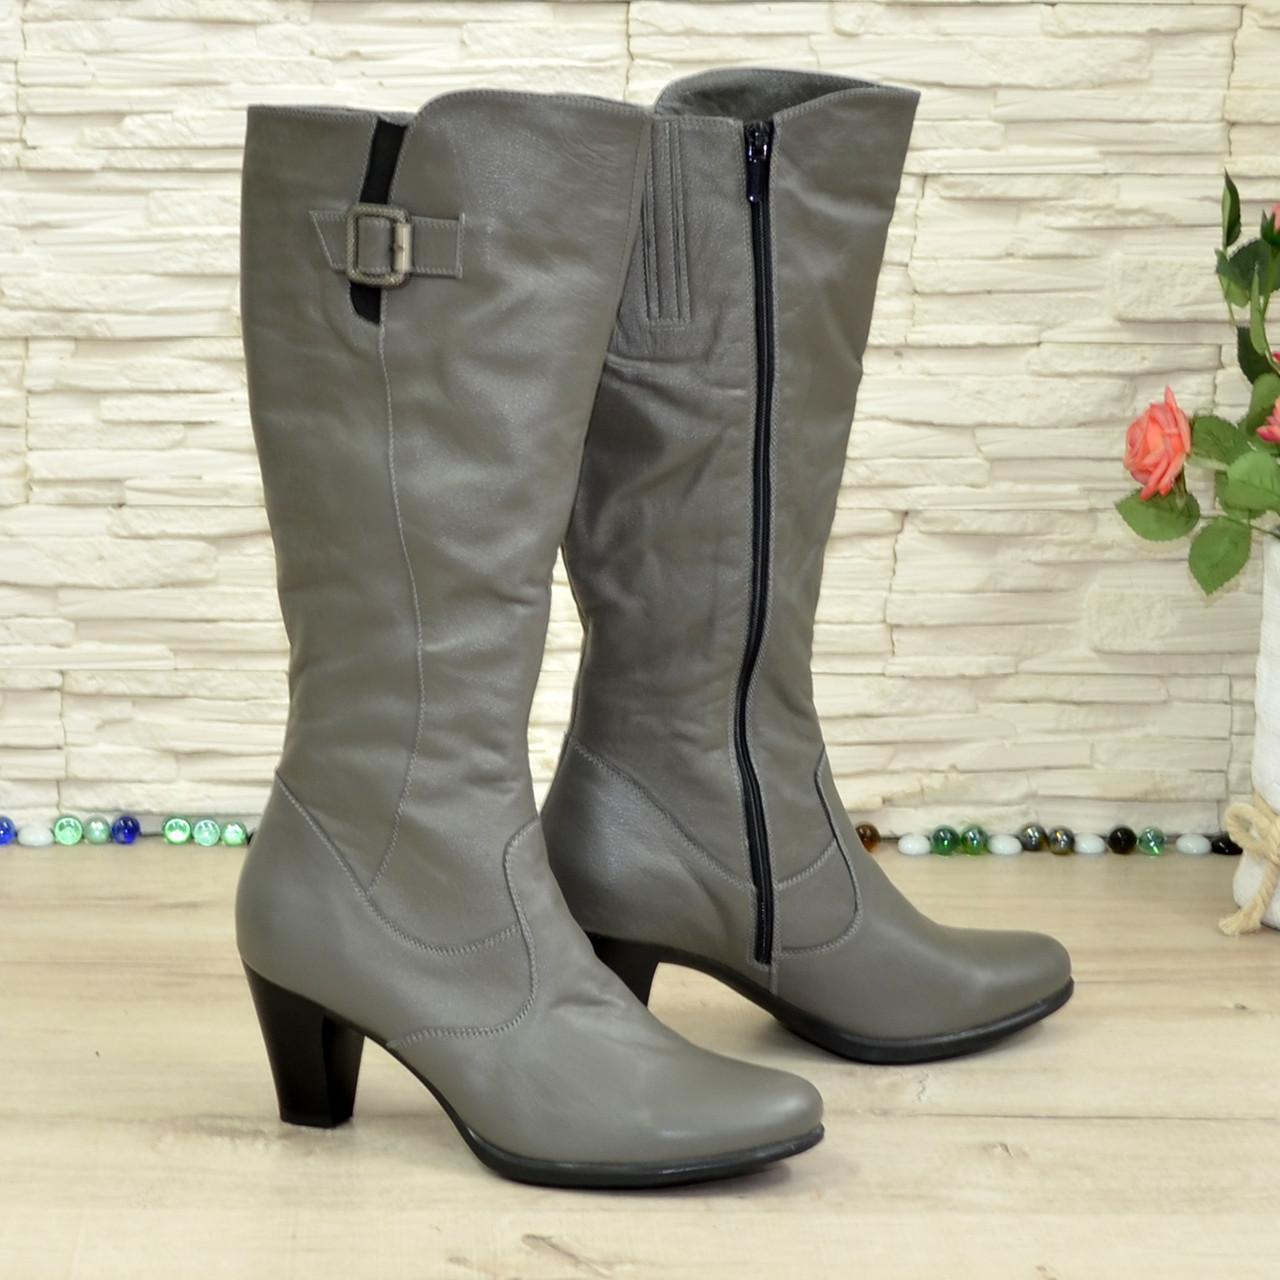 Сапоги зимние серые кожаные женские на устойчивом каблуке. 41 размер